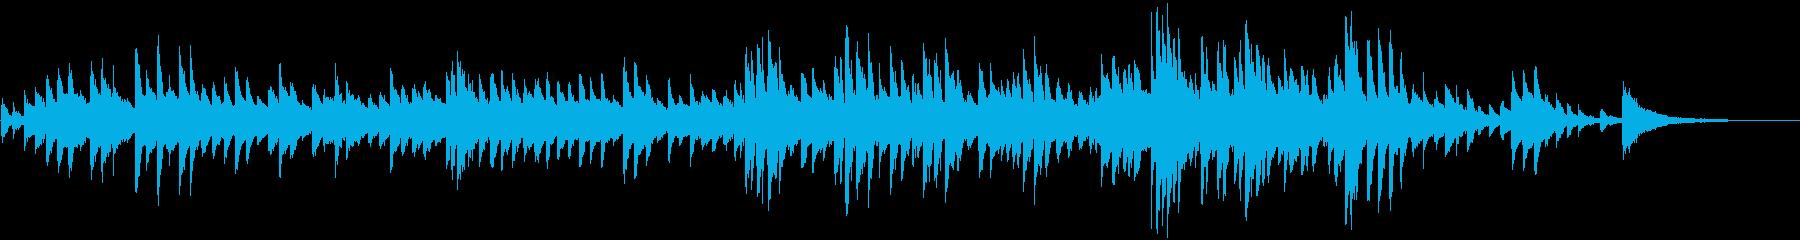 深海の中で奏でられるピアノの再生済みの波形